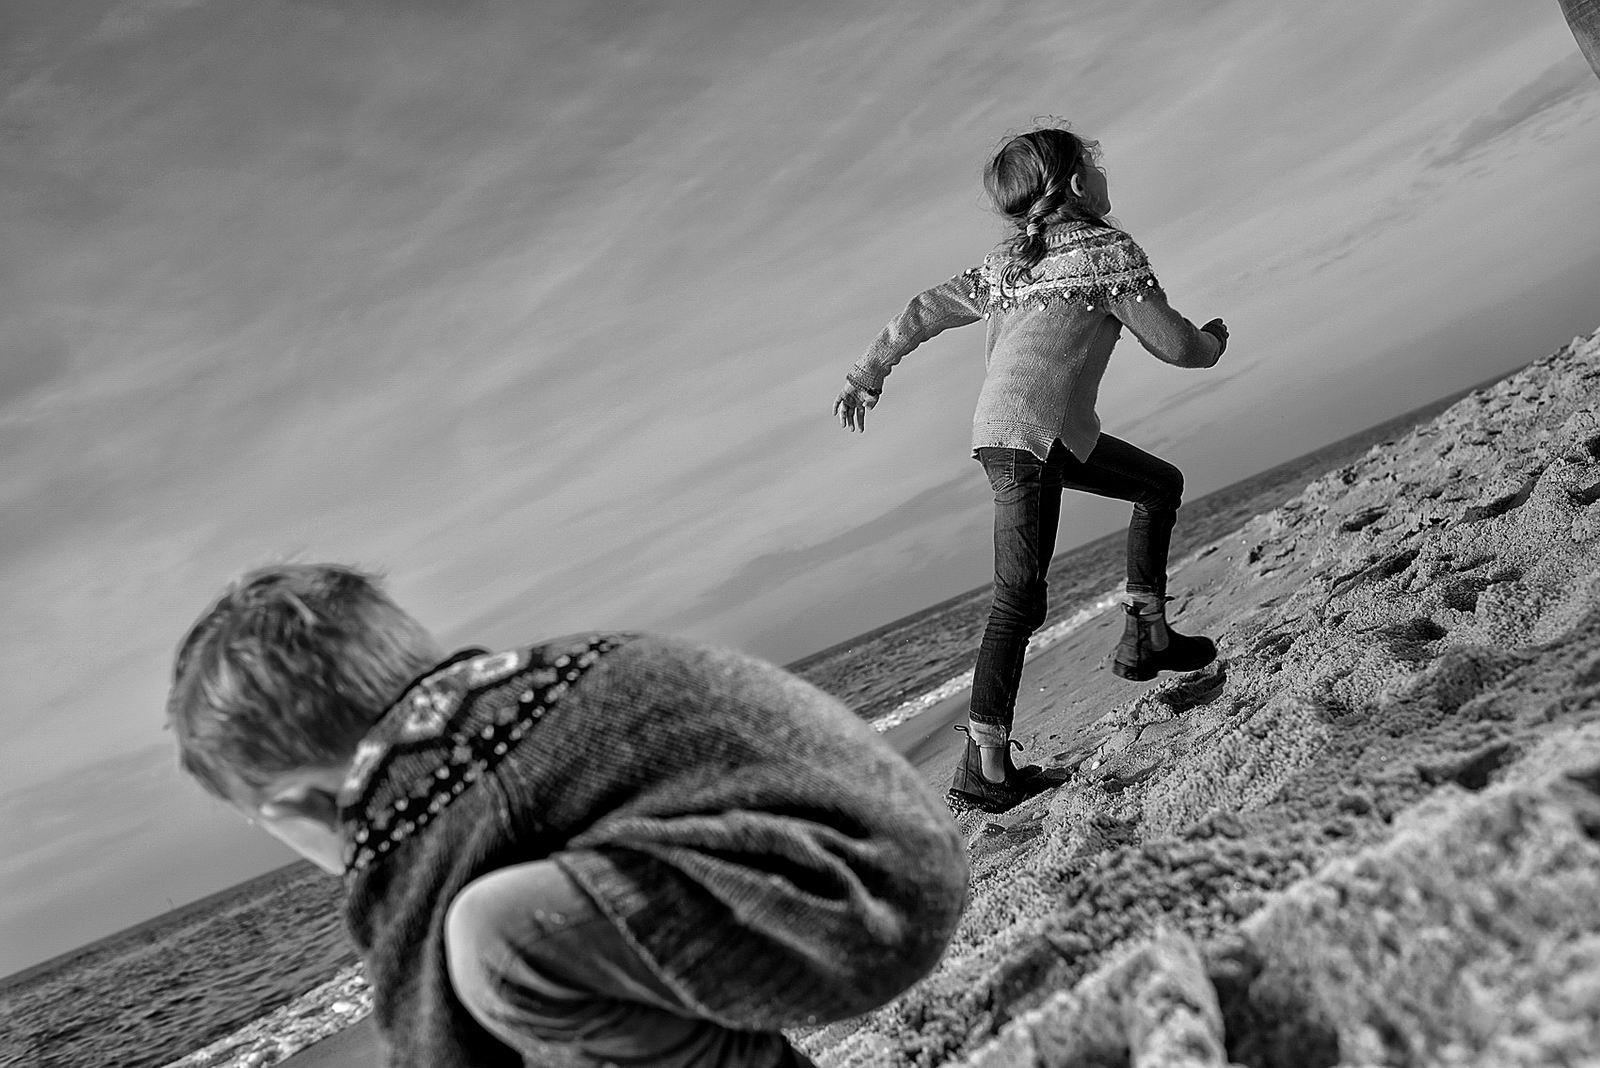 Zwei Kinder spielen am Strand auf Westerland auf der Insel Sylt. Ein kleiner Junge baggert in den sand und seine ältere Schwester rennt gerade weg